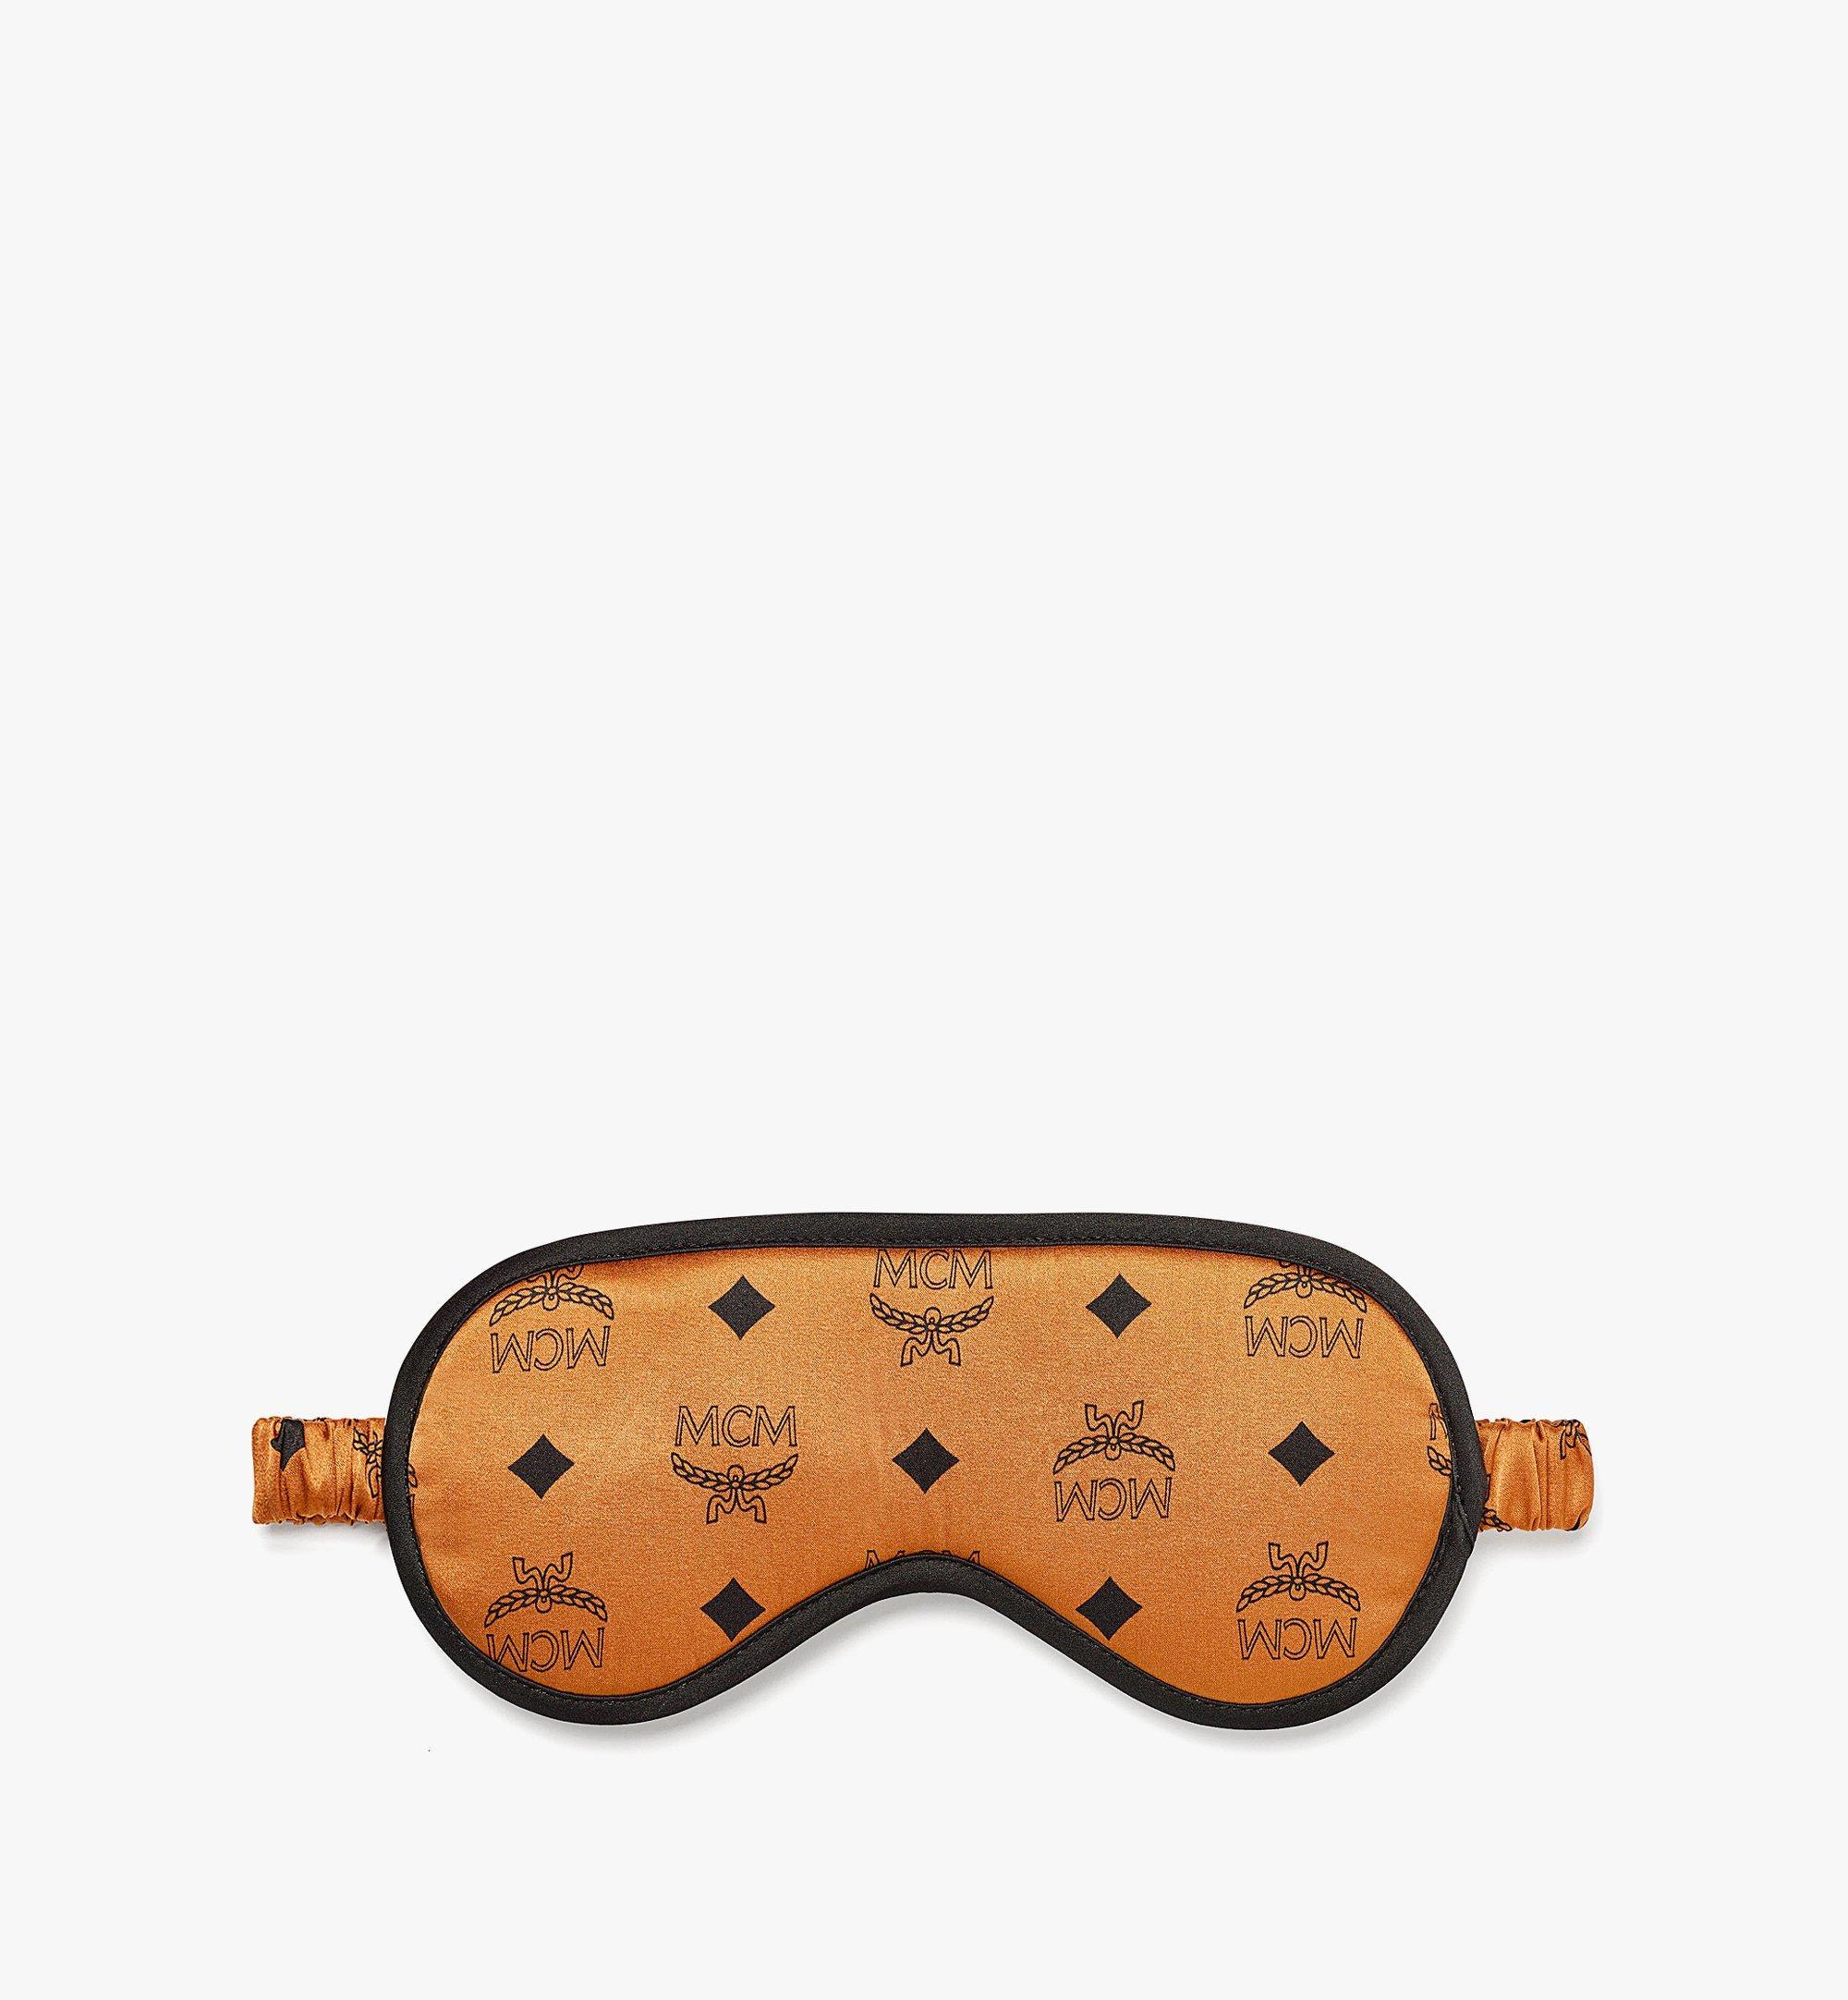 MCM Masque pour les yeux réversible en satin de soie monogrammée  MXZBSMM12CO001 Plus de photos 1